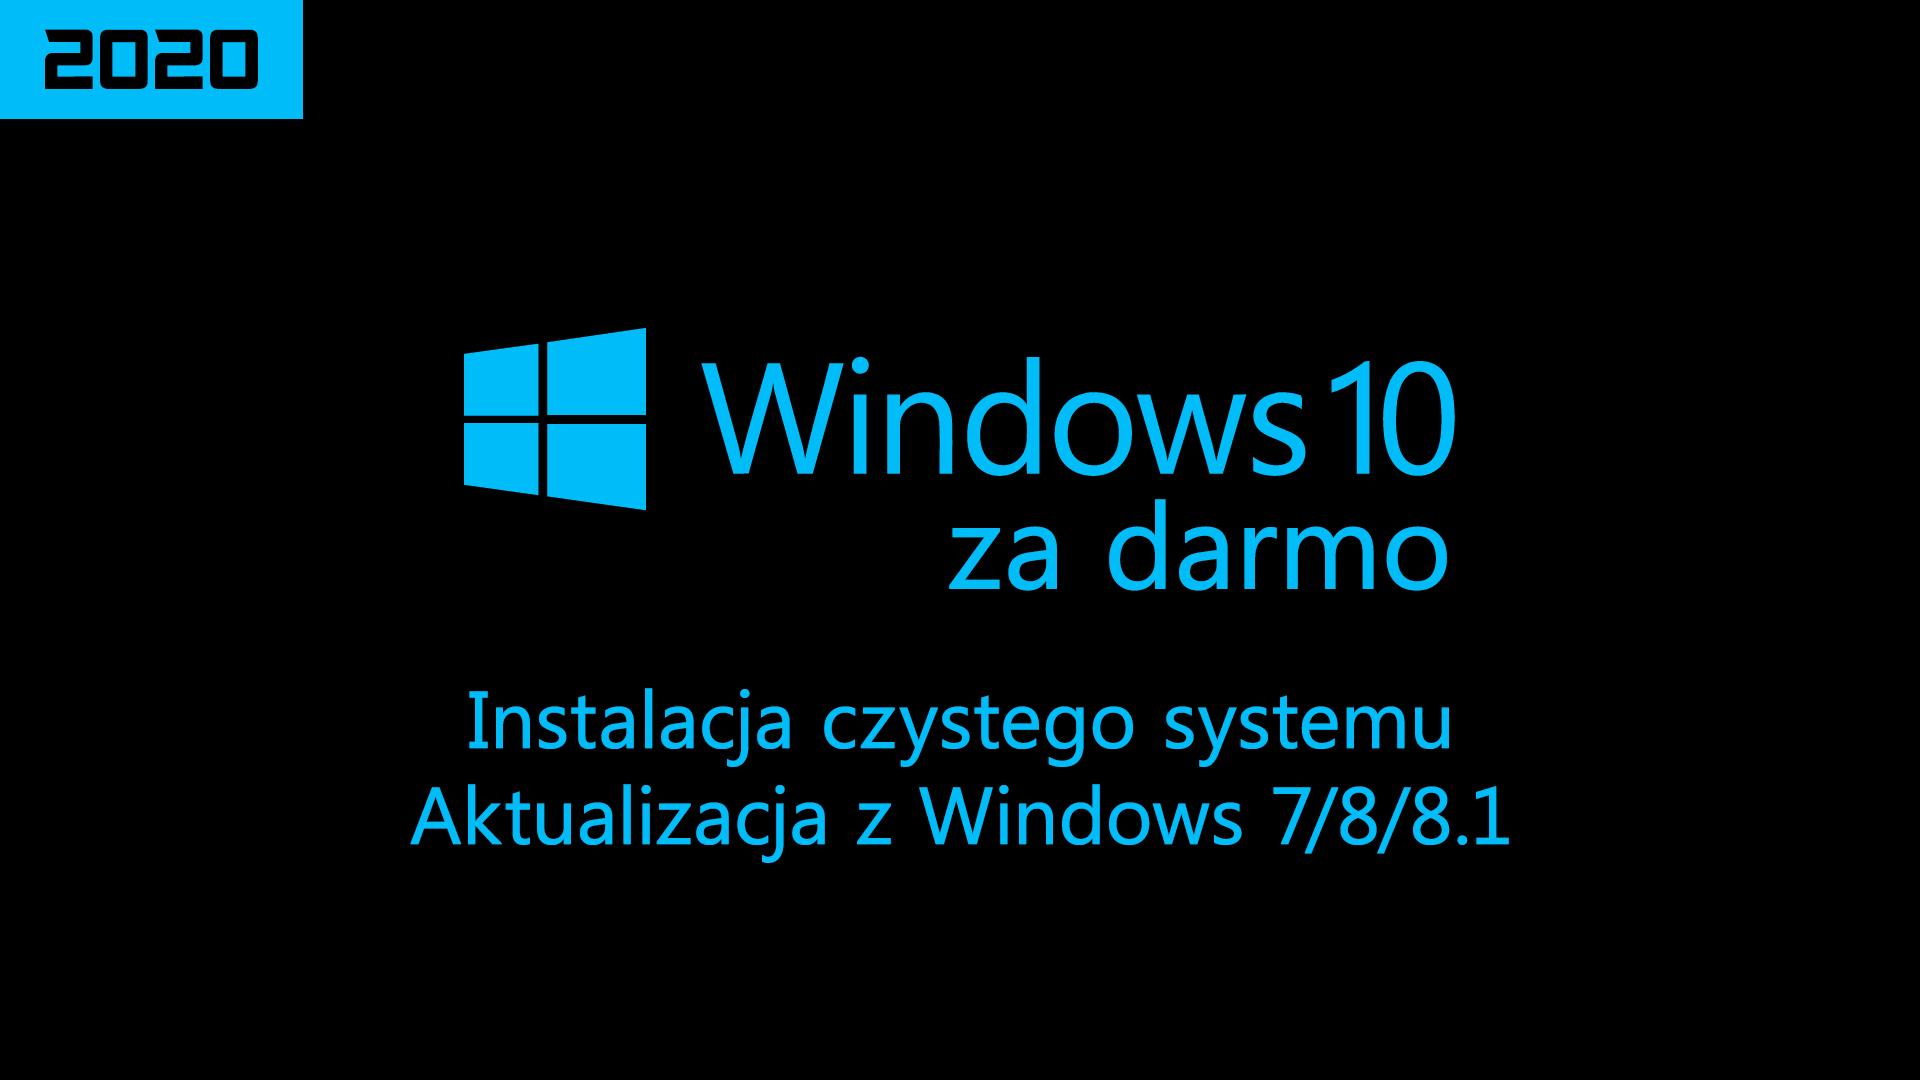 Aktualizacja do Windows 10 za darmo